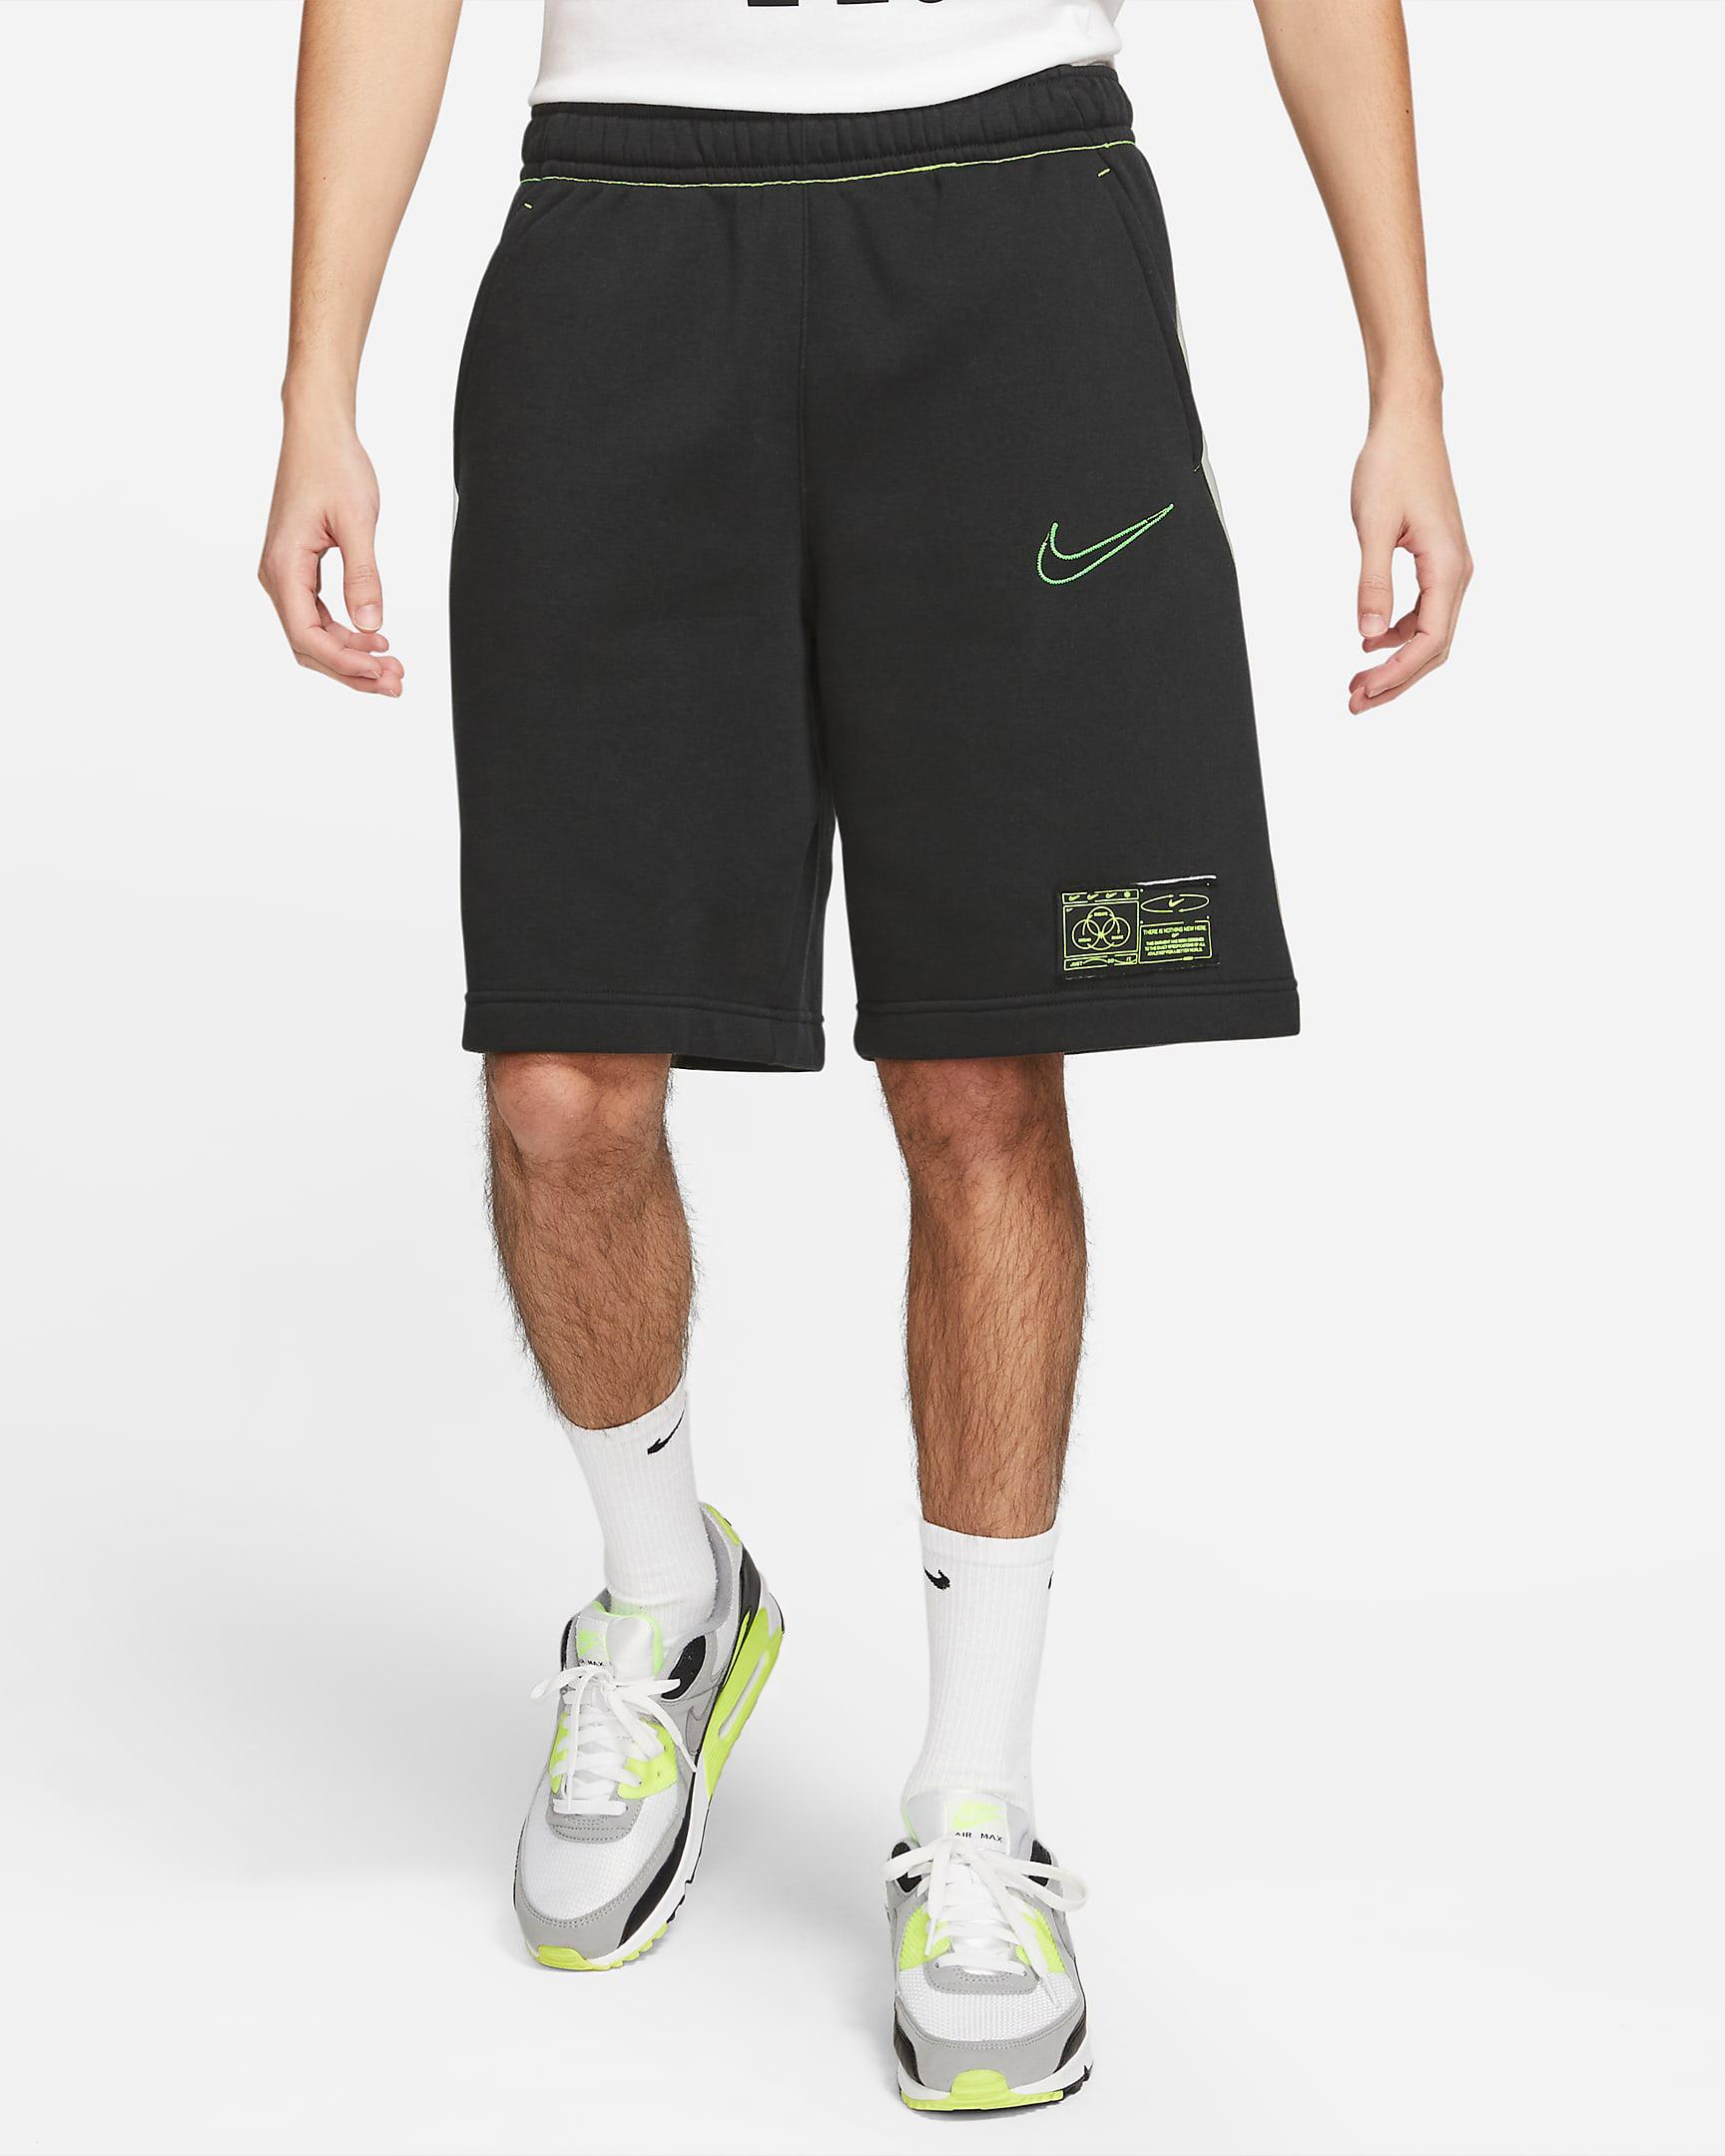 nike-club-fleece-shorts-black-volt-1